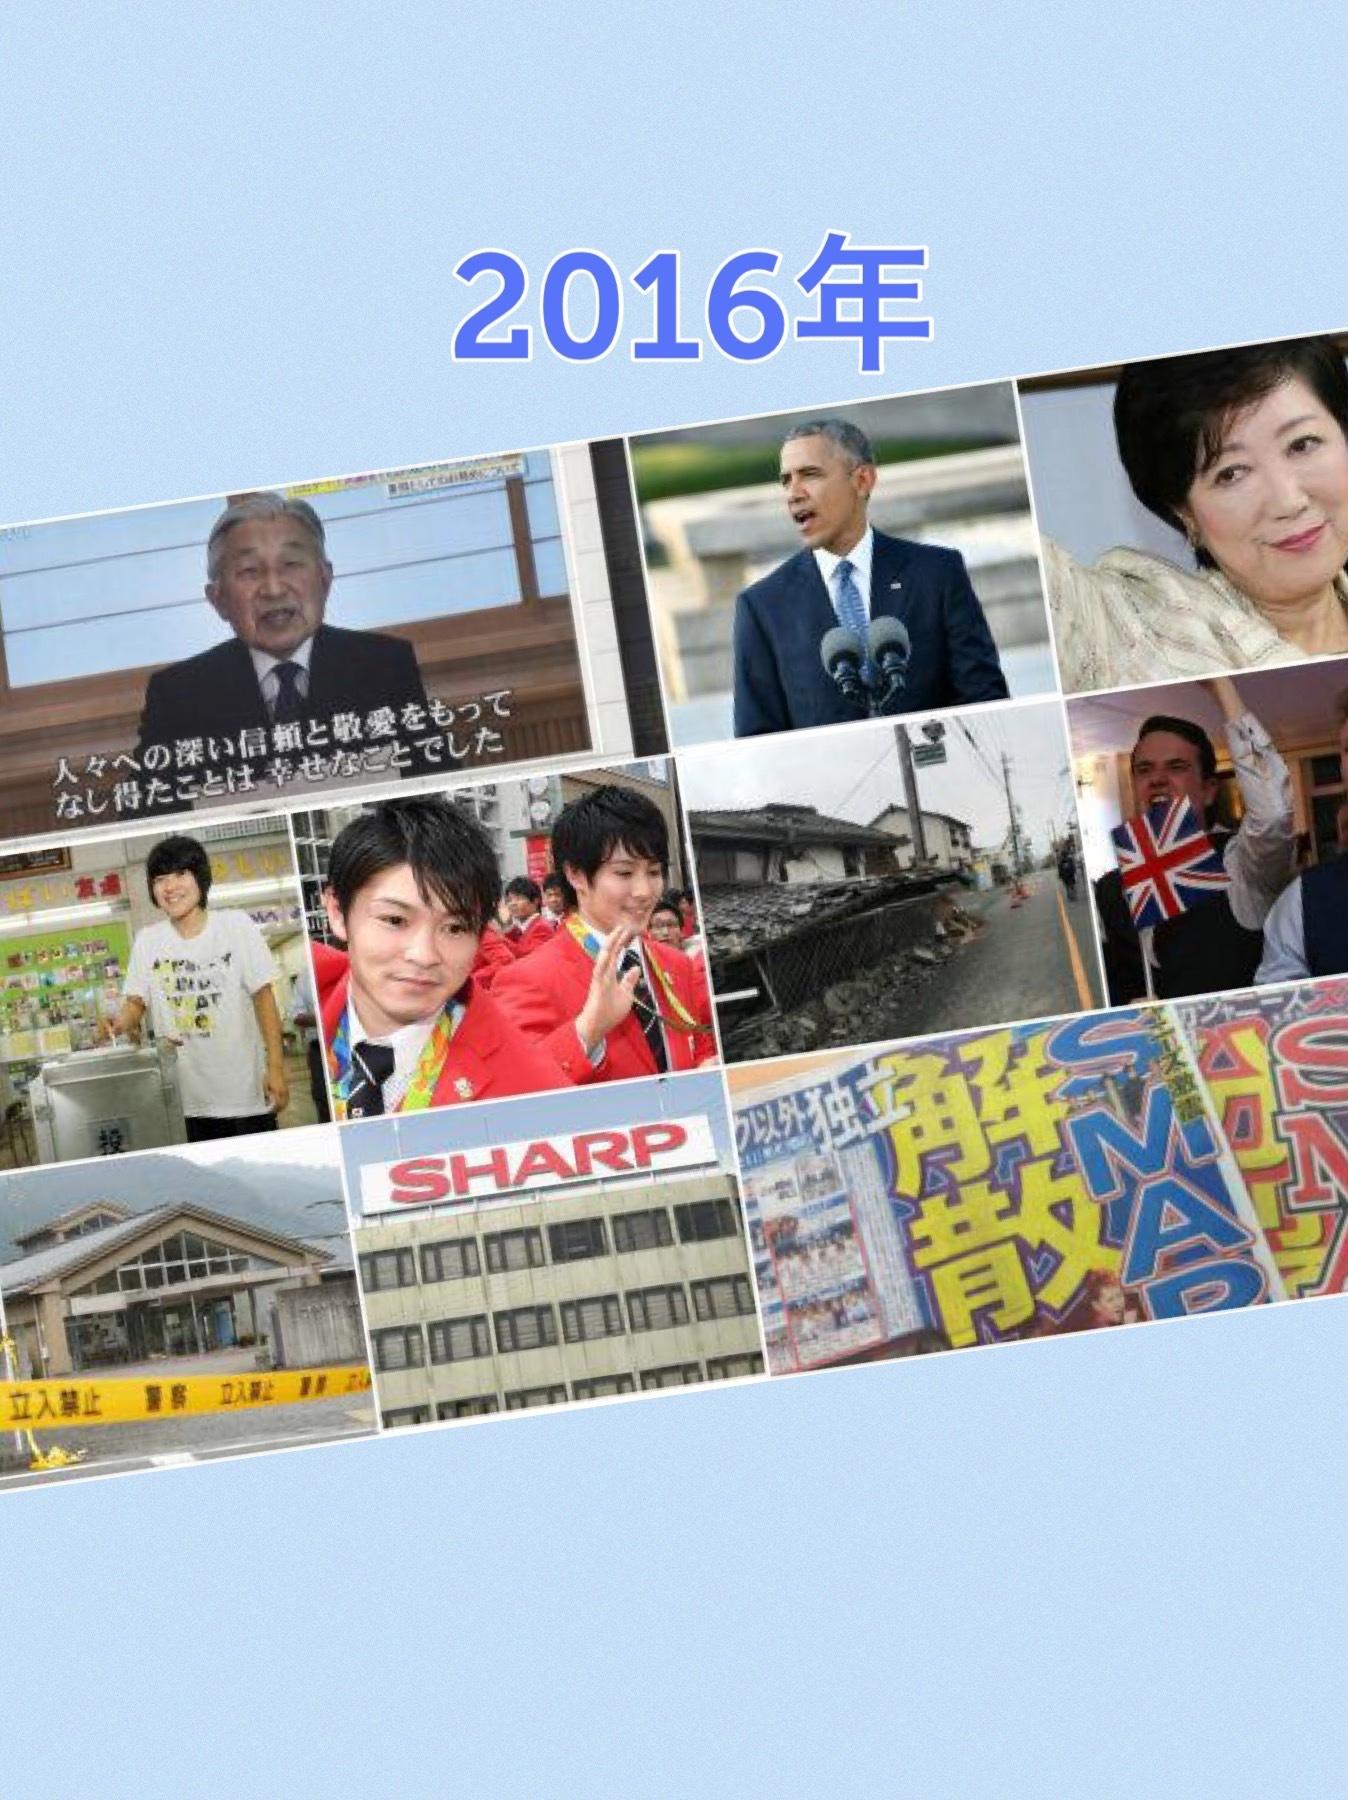 2016年の出来事